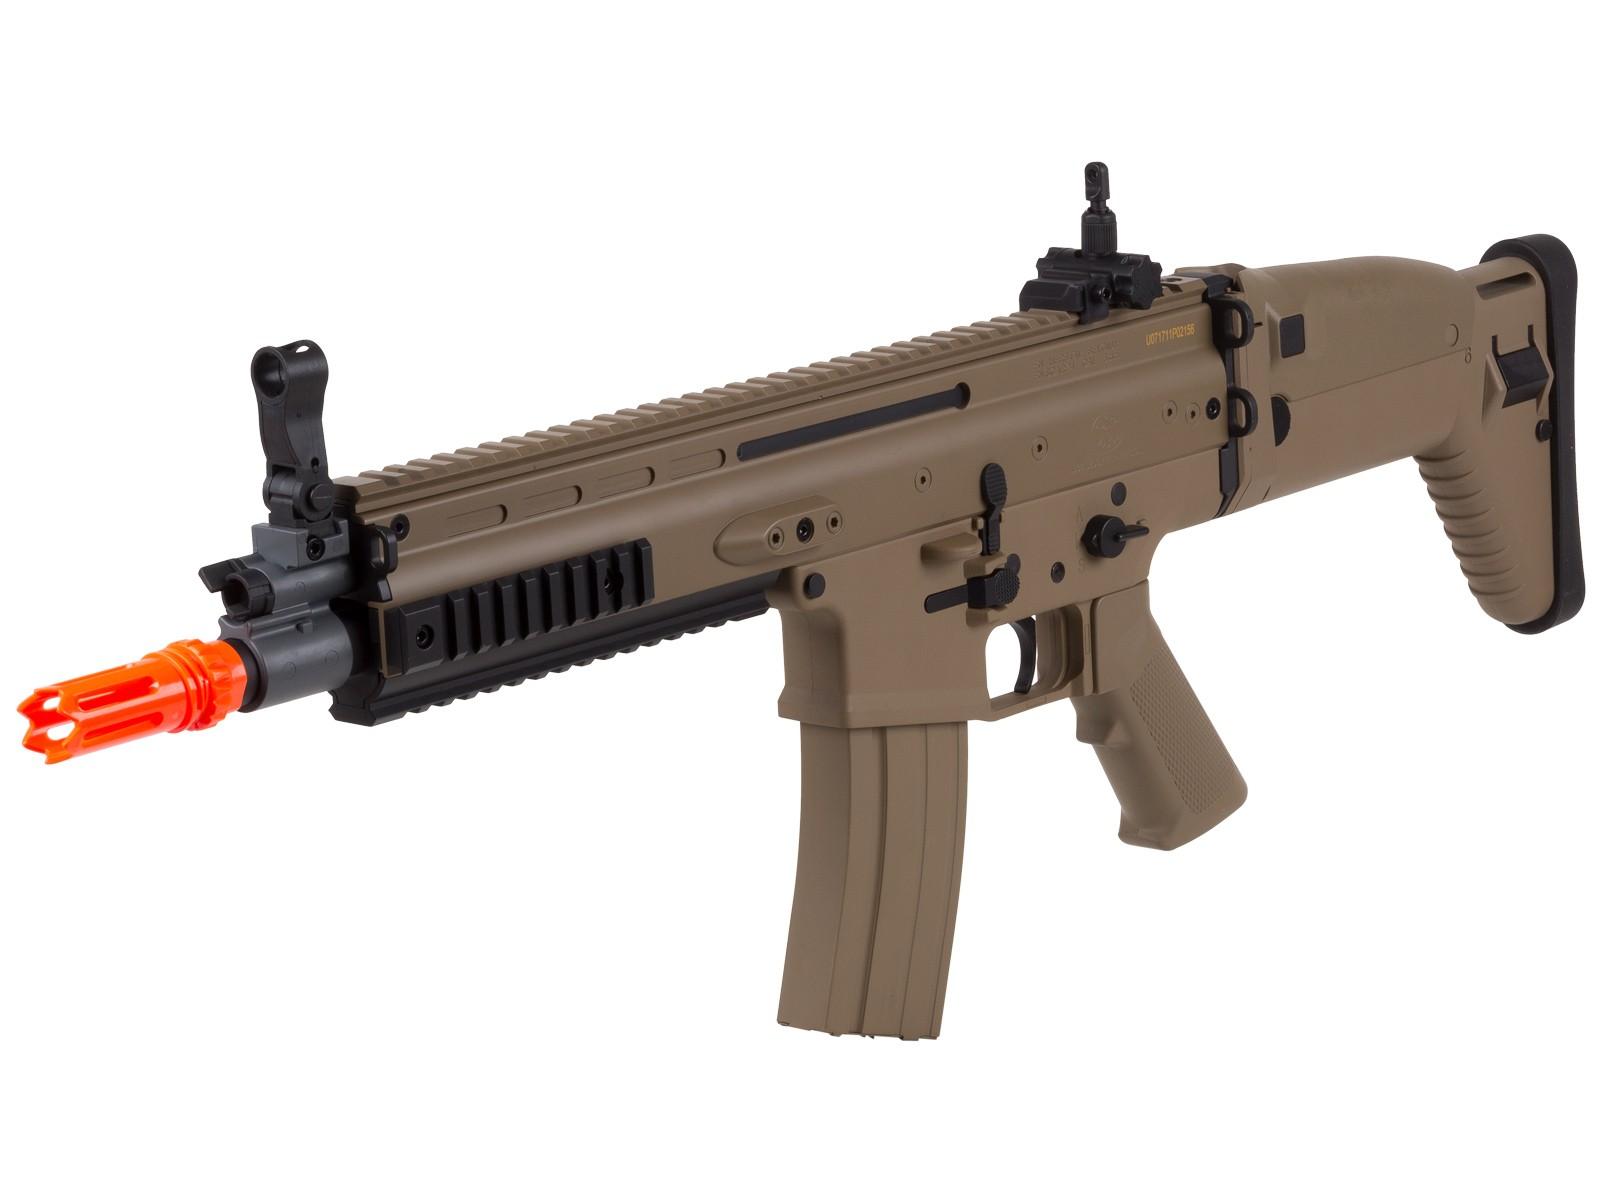 FN SCAR-L AEG Airsoft Rifle, Tan